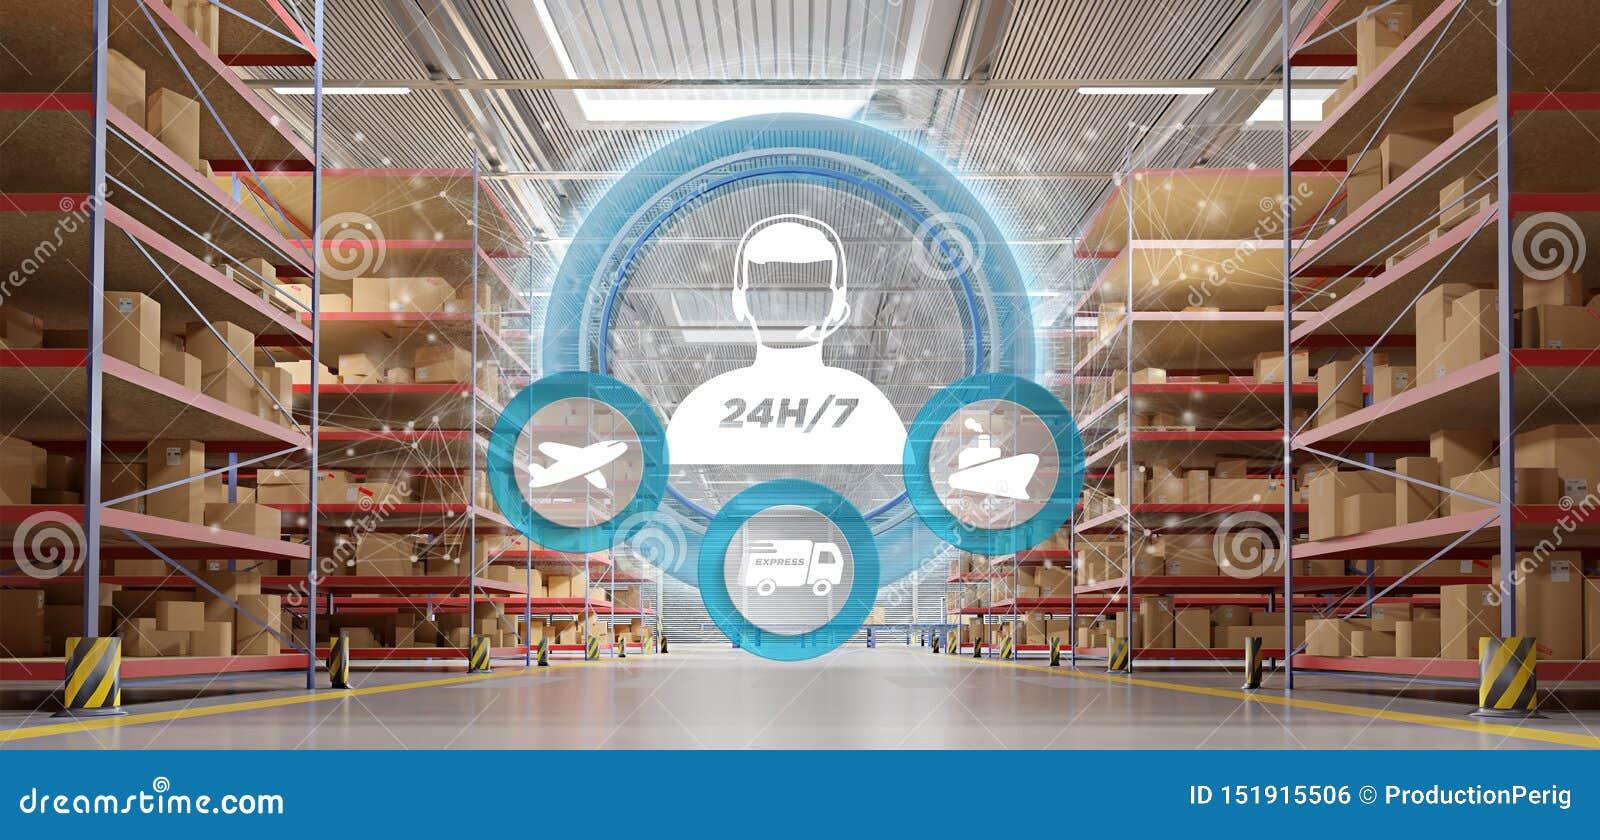 Έννοια εξυπηρέτησης πελατών σε μια τρισδιάστατη απόδοση υποβάθρου αποθηκών εμπορευμάτων